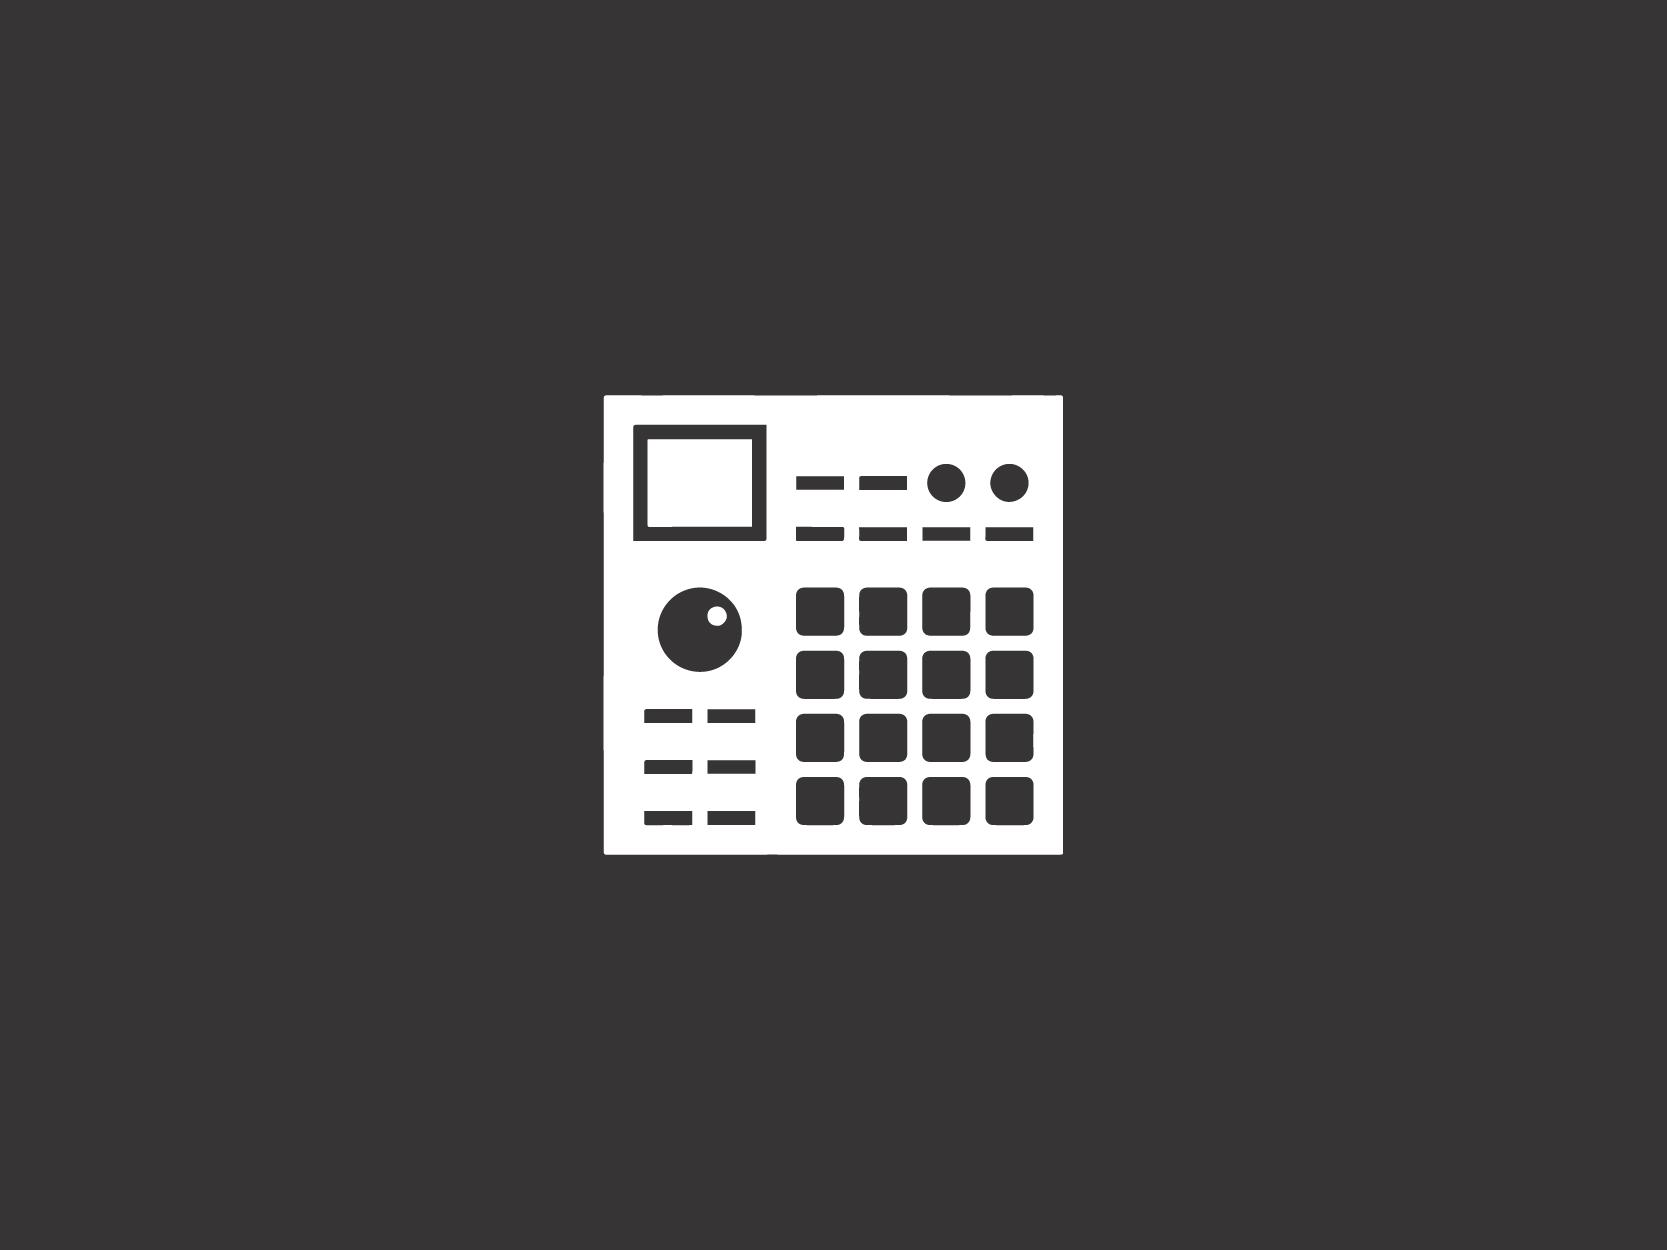 dj-samplers